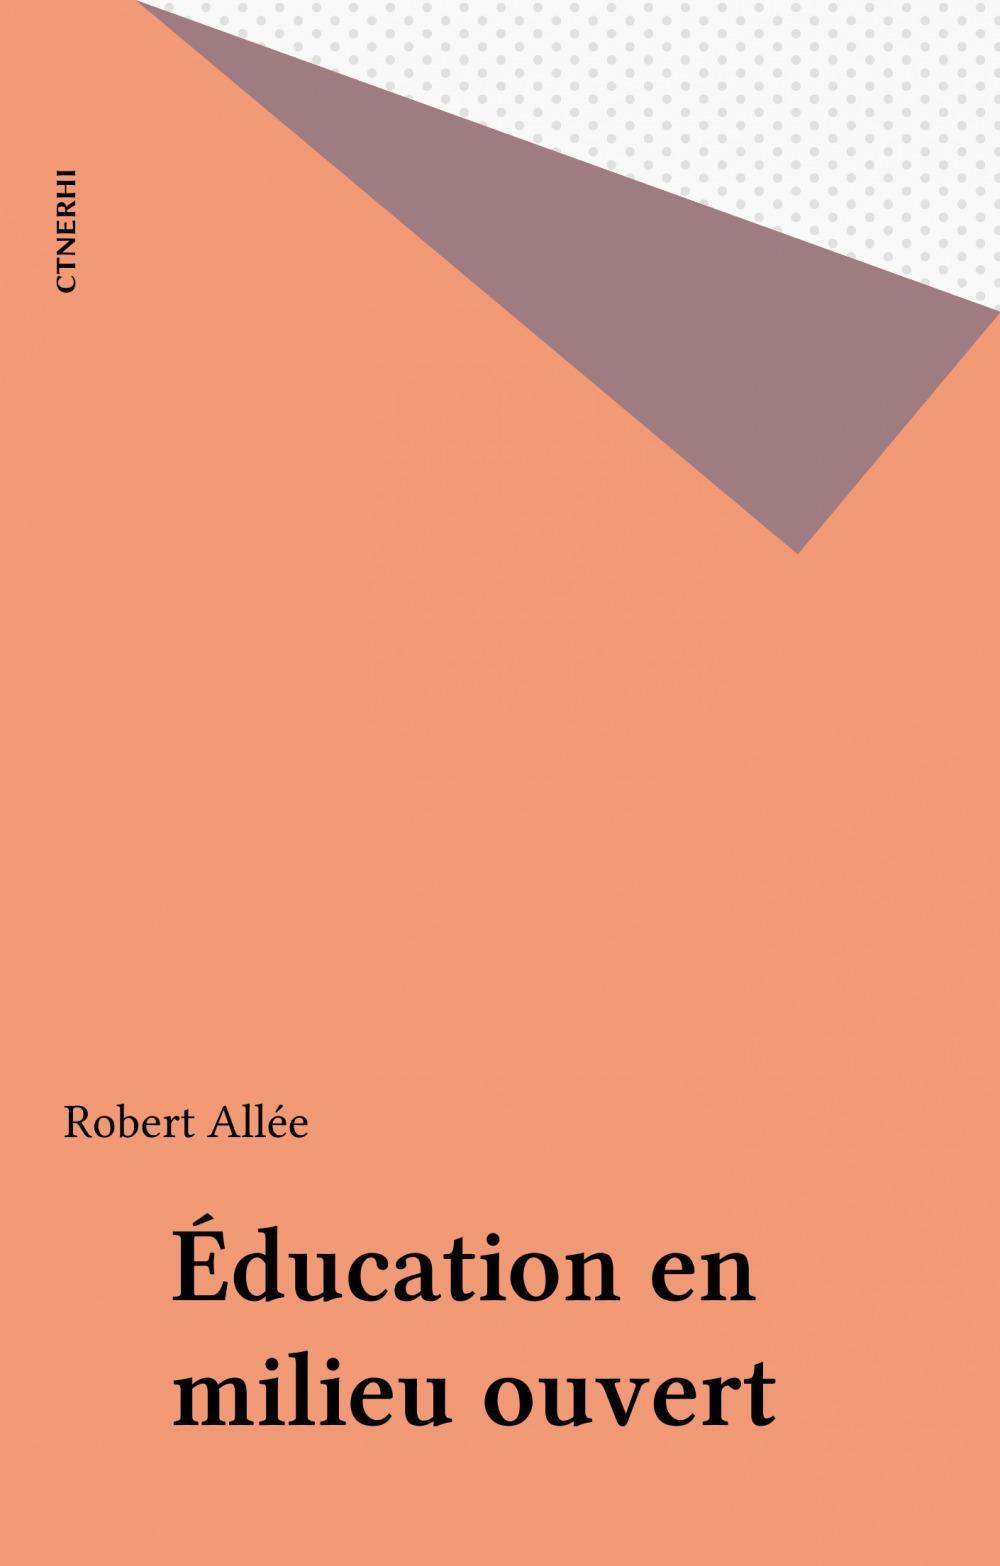 Education en milieu ouvert